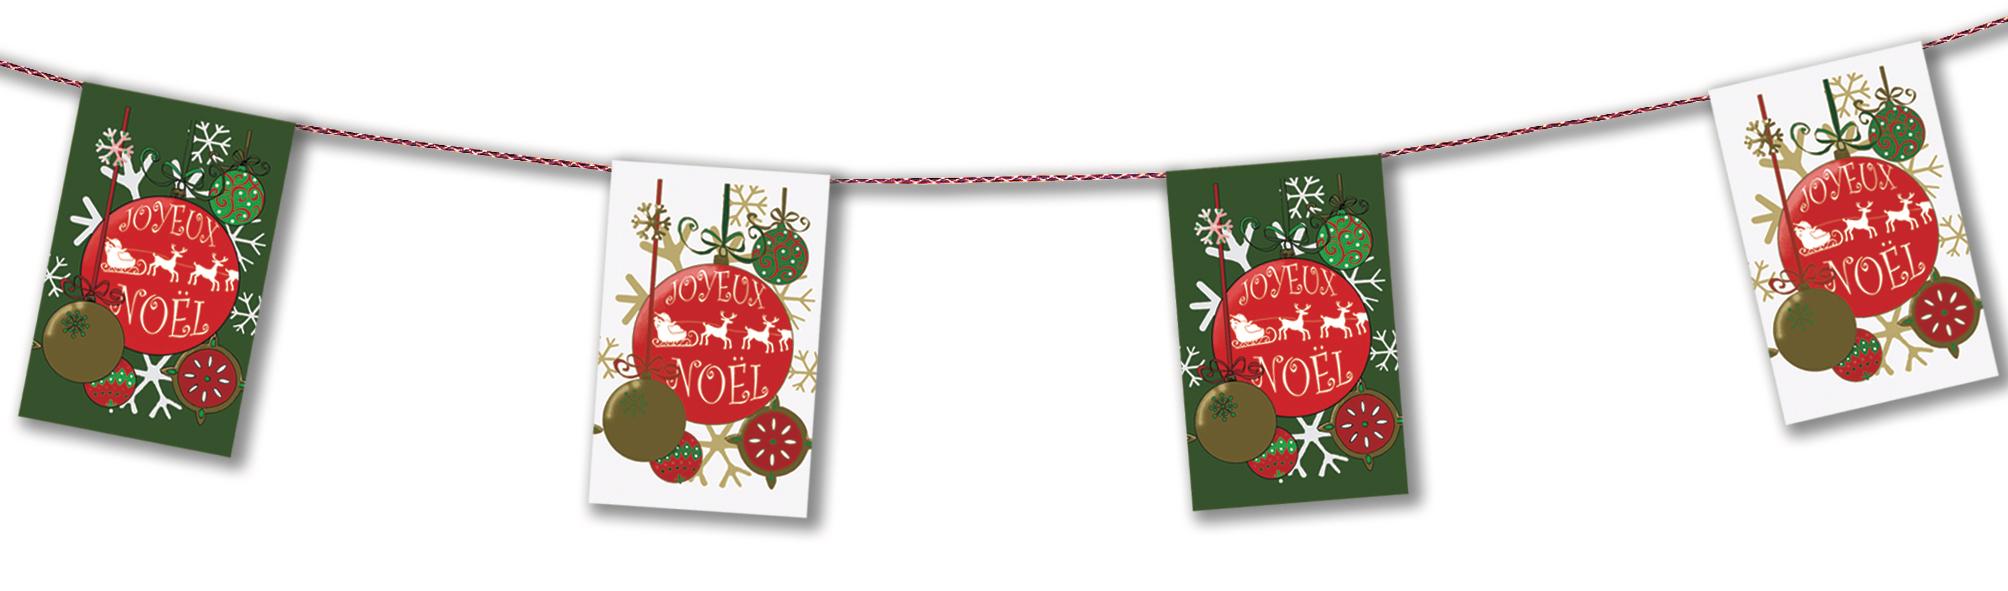 guirlande joyeux noël en papier ignifugé pour décoration